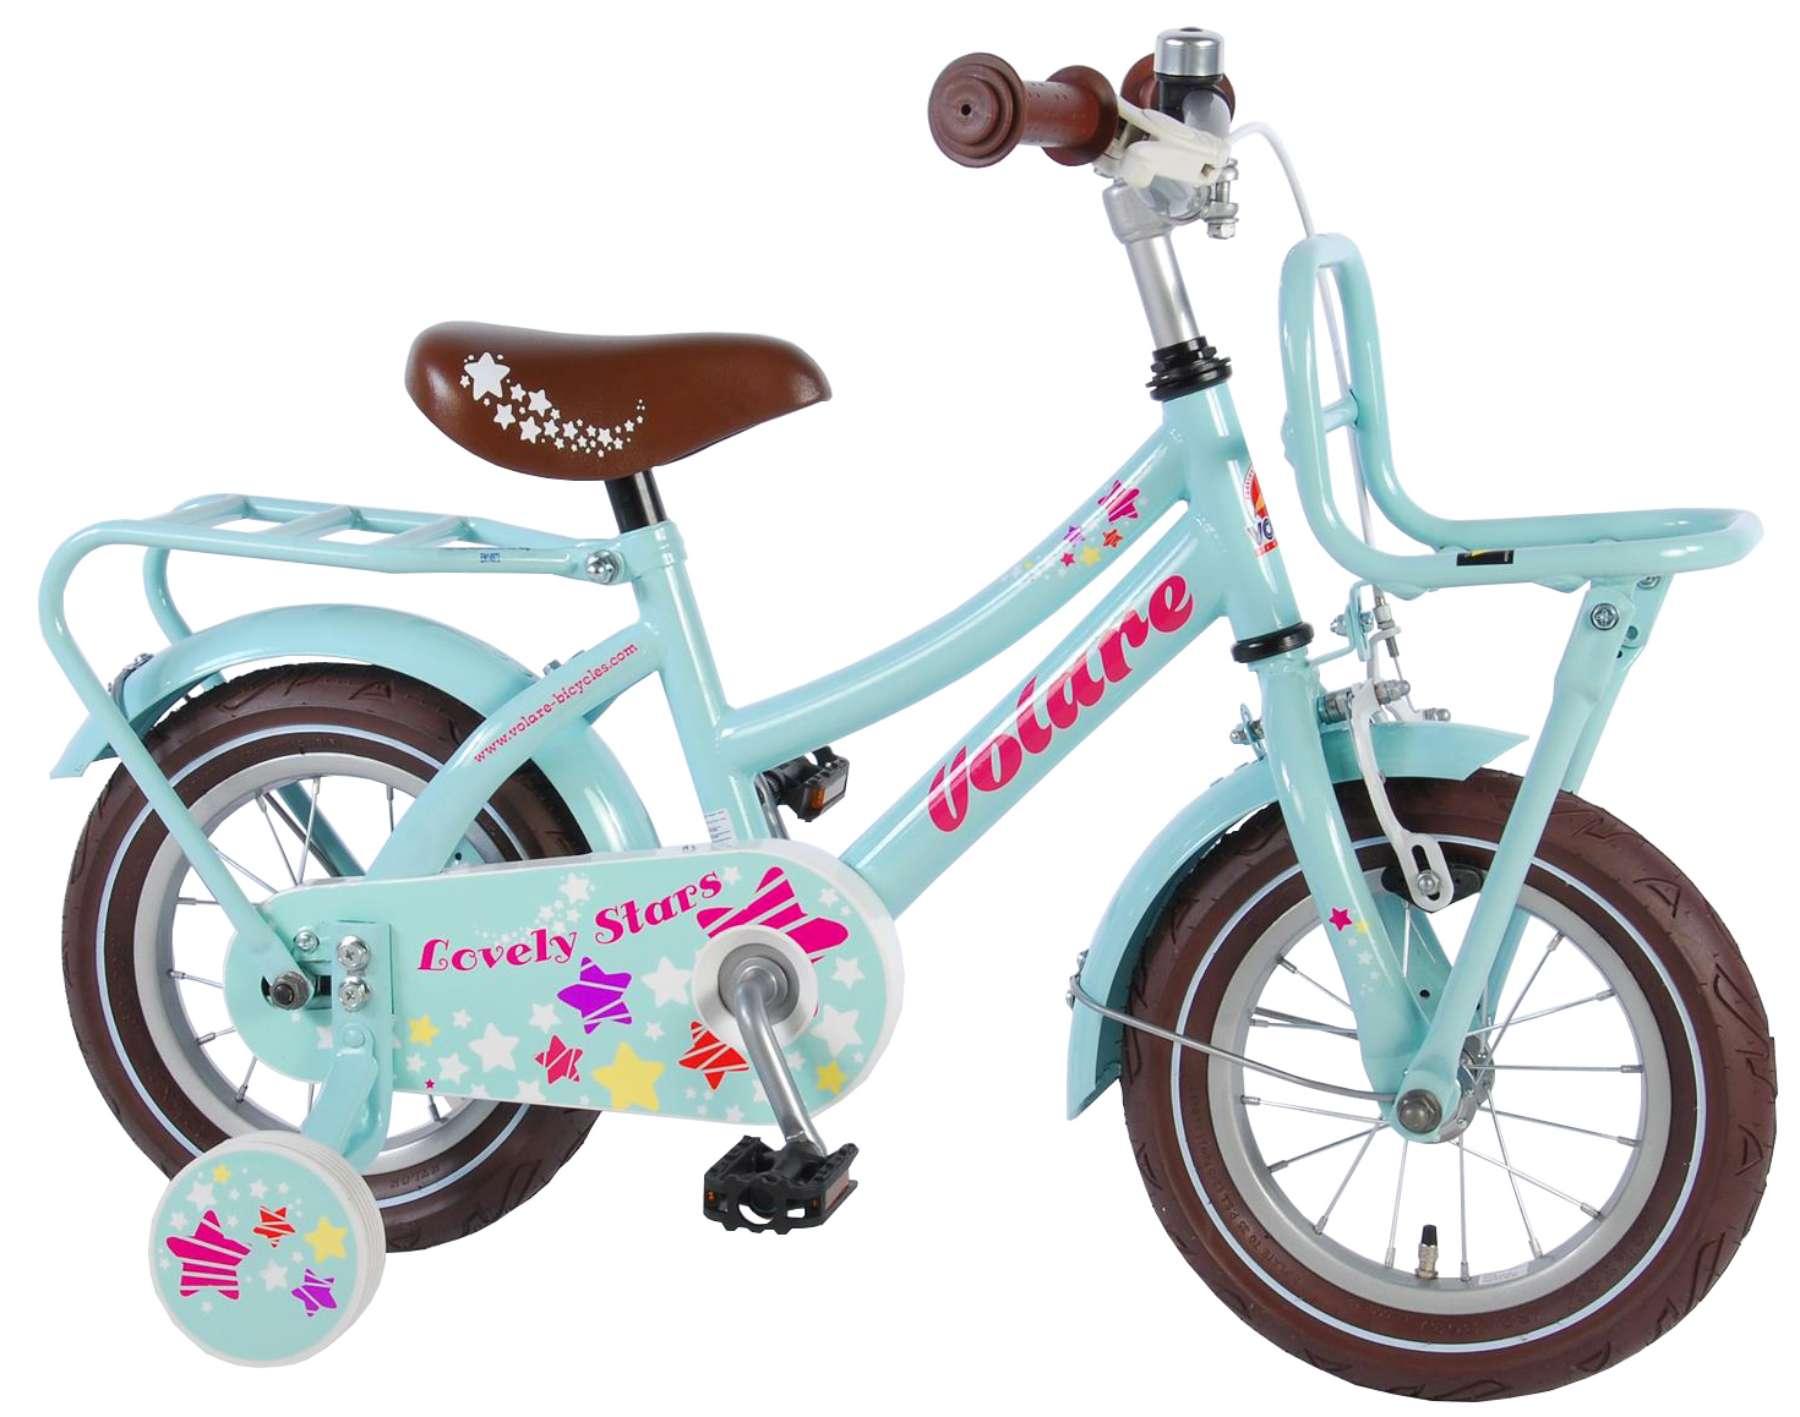 Volare Lovely Stars Kinderfahrrad - Mädchen - 12 Zoll - Mint Blue - 95% Zusammengebaut